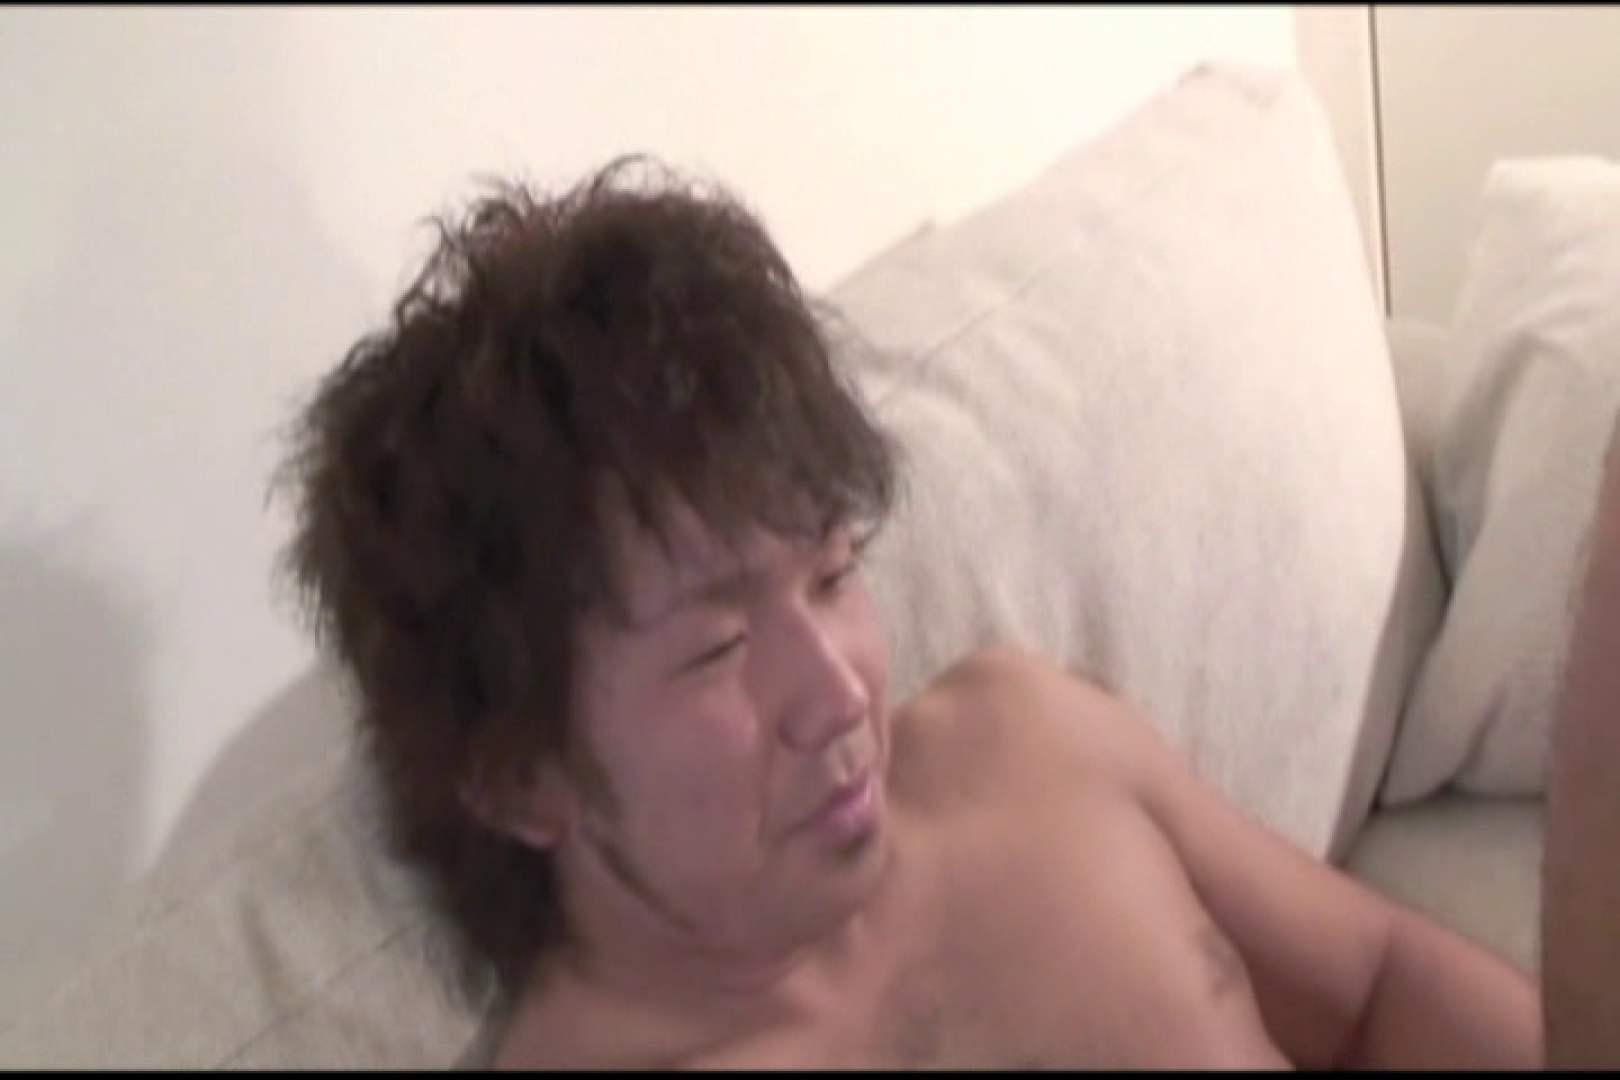 アヘ顔が最高!アナル中毒VOL.04 フェラ男子  60連発 27